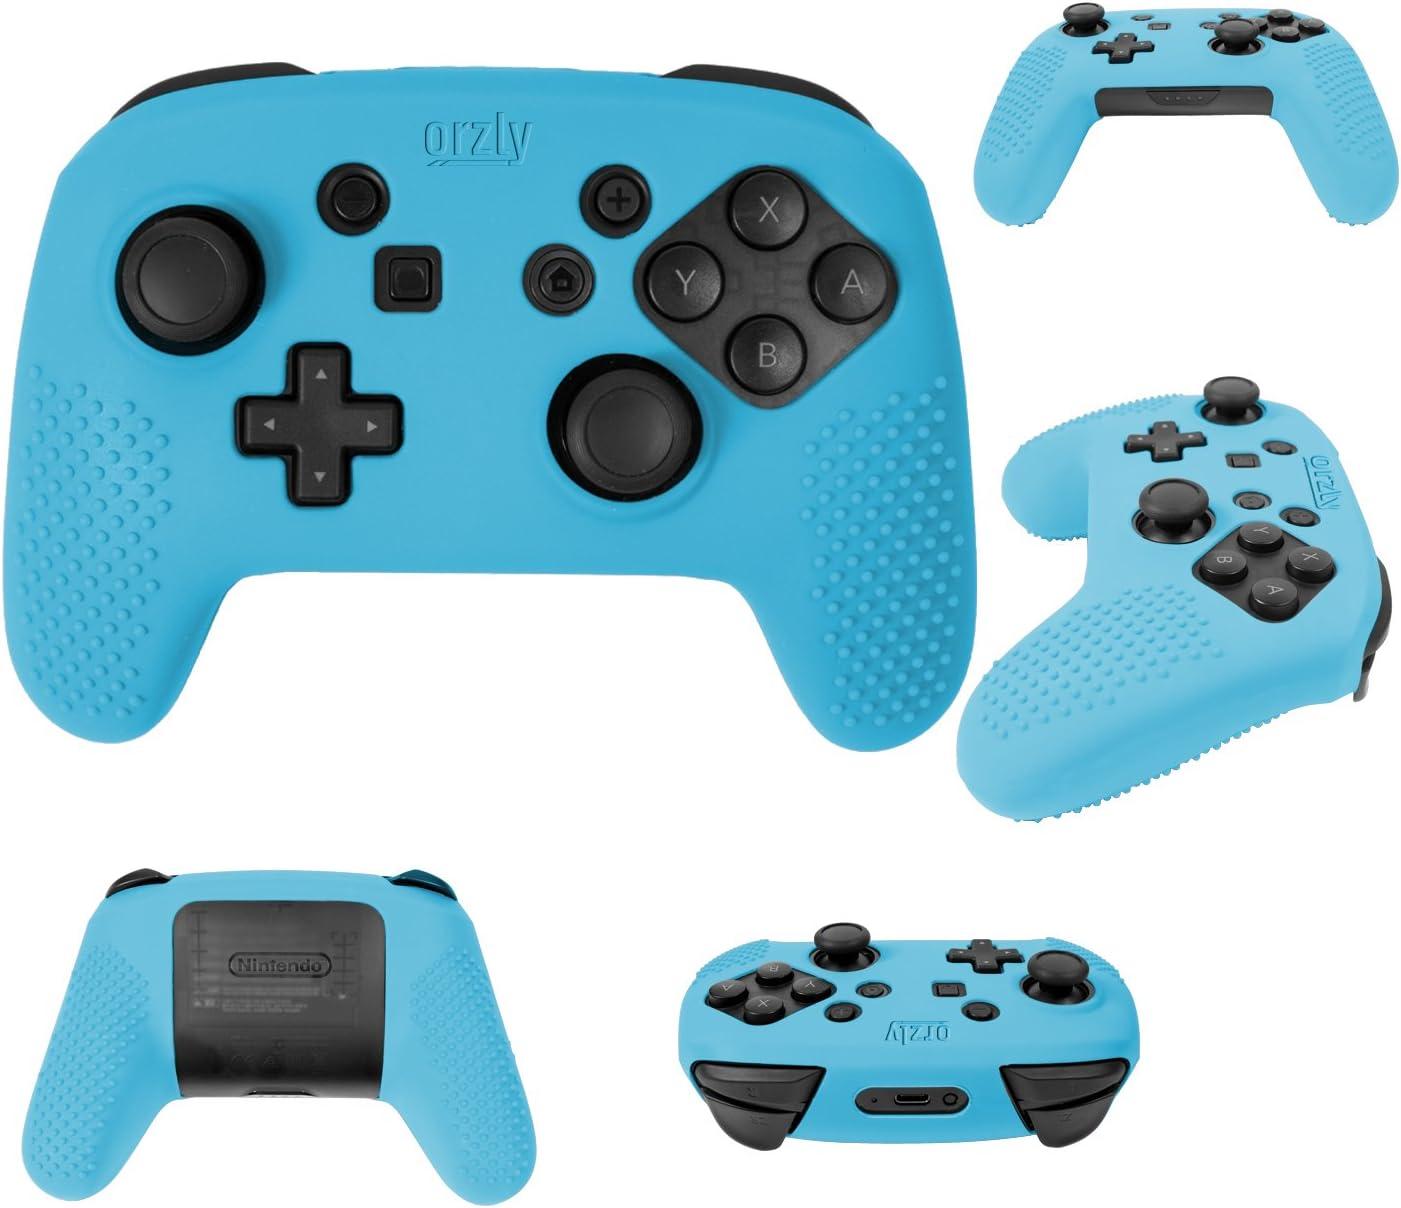 Funda para el Mando Pro Controller – FlexiCase de Orzly para los Mandos Pro Controller de la Nintendo Switch – Carcasa Protectora para mayor agarre [Funda Duradera, Ligera y Flexible en AZUL